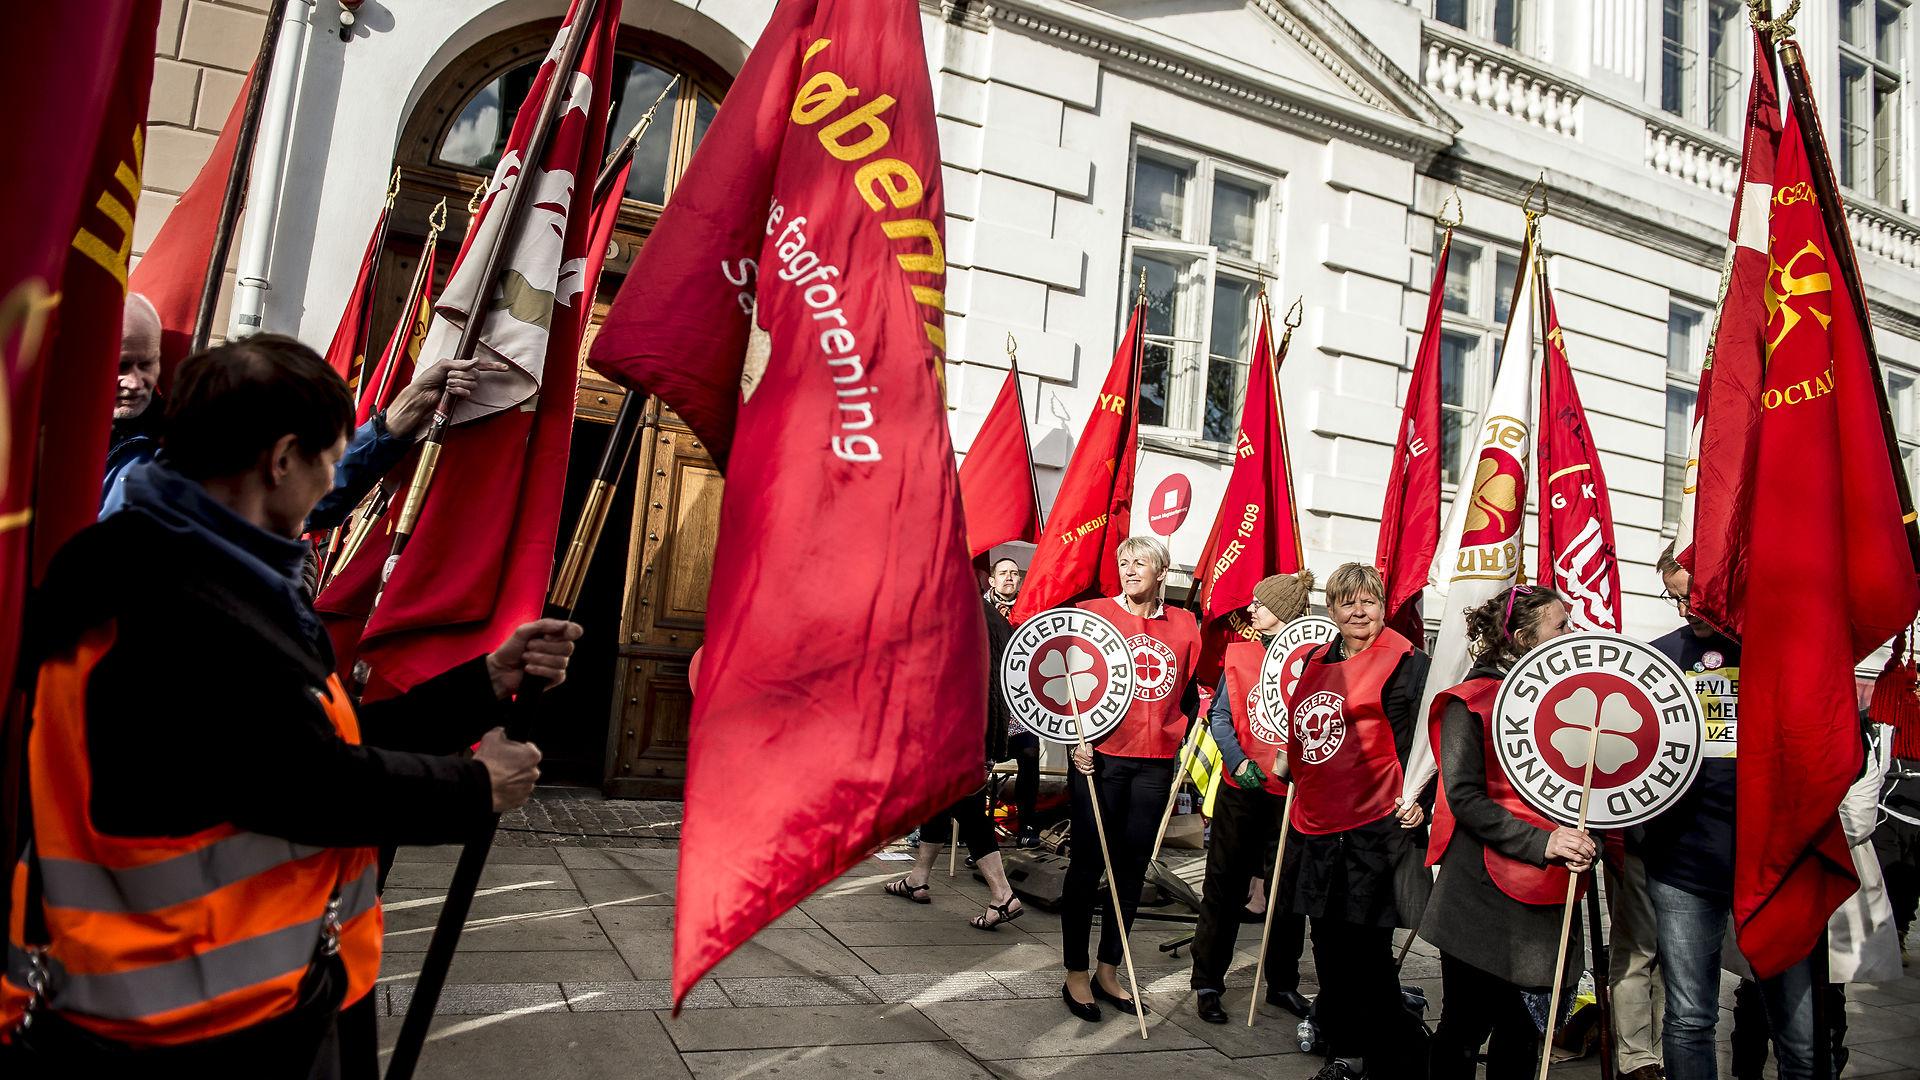 Johan Moesgaard svarer Stine Bosse: Ja, vi skal bakke op om EU. Men vi skal kæmpe for den danske model med næb og klør